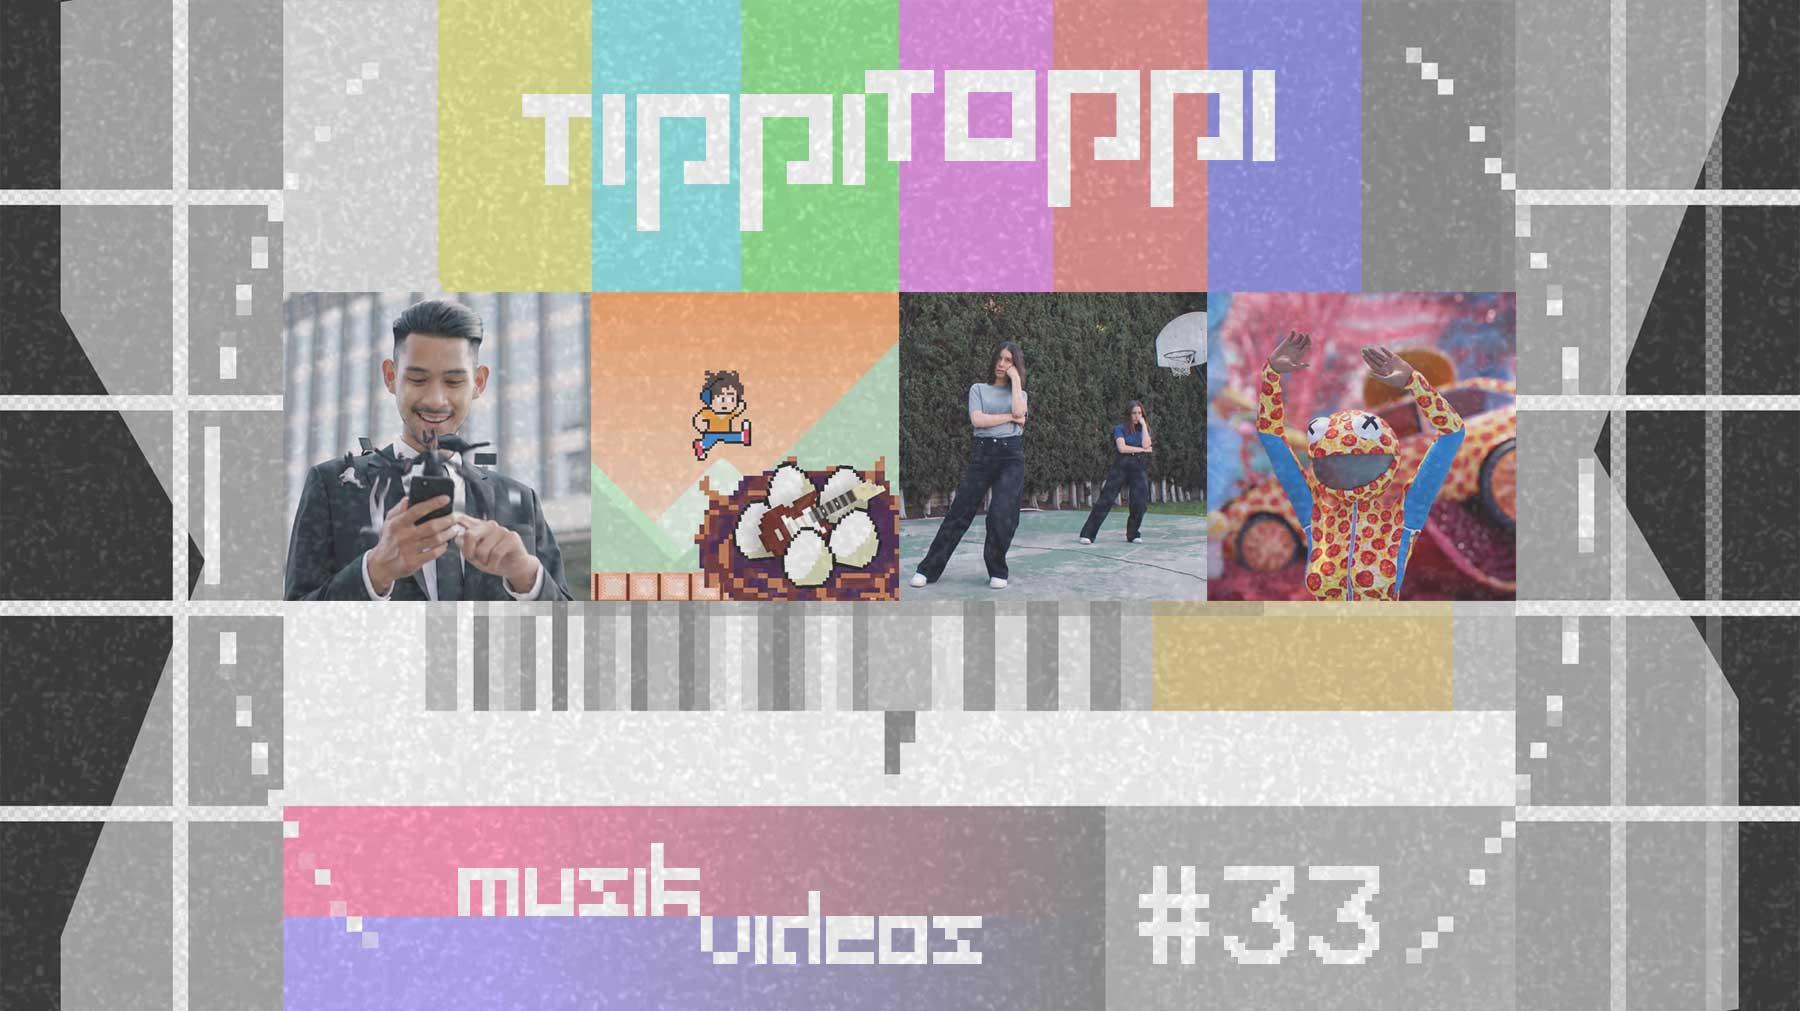 Tippi Toppi Musikvideos Vol. 33 TIPPITOPPI-musikvideos_20200808